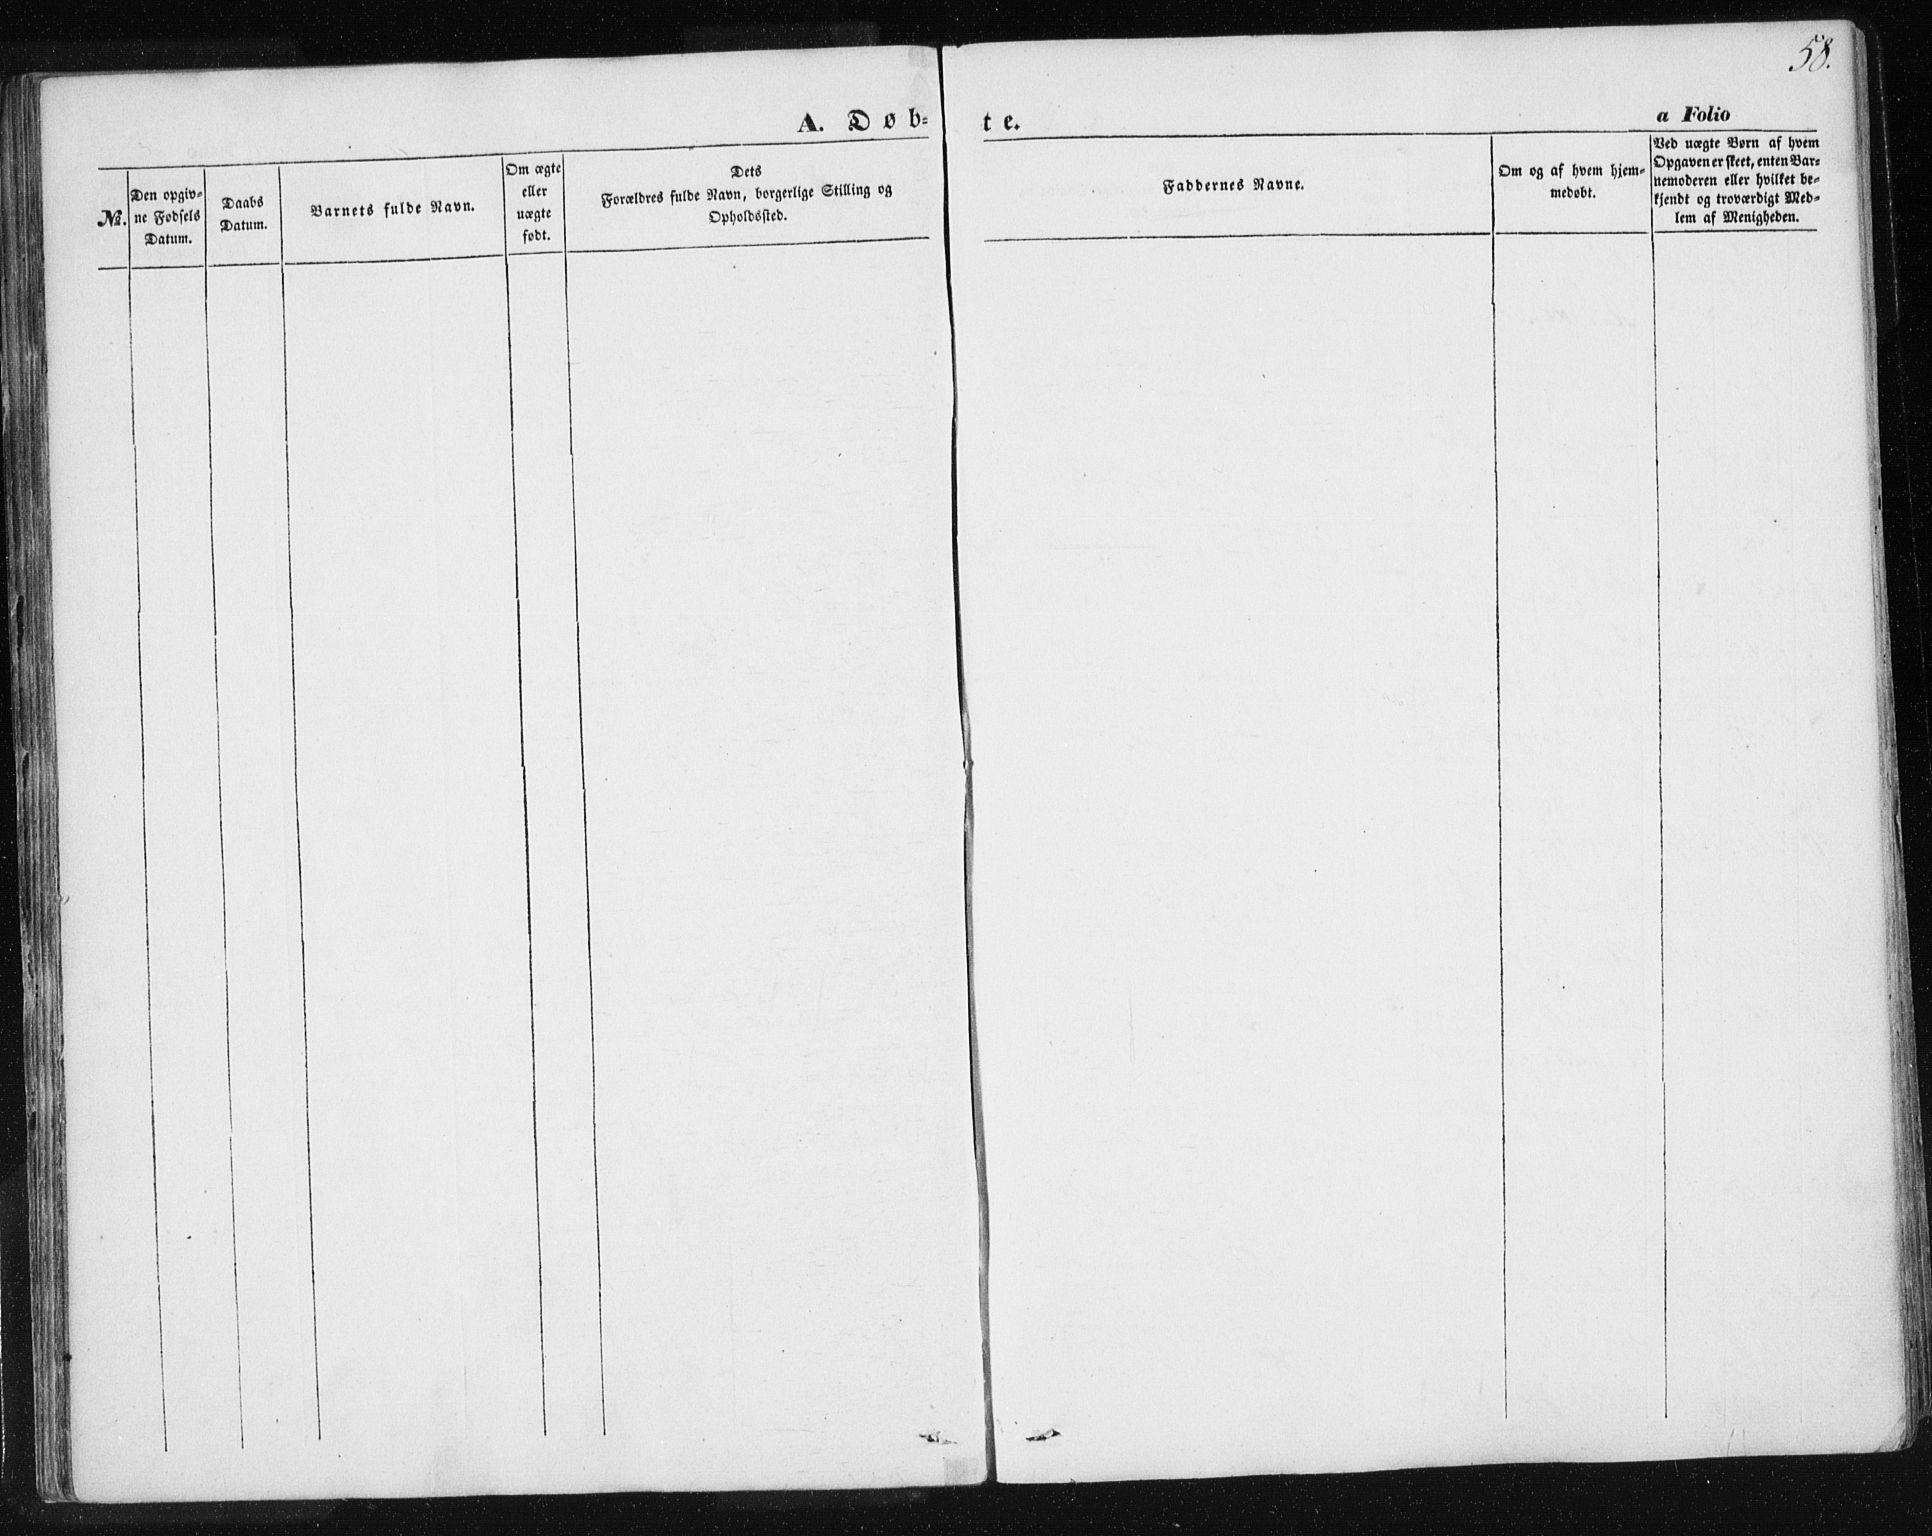 SAT, Ministerialprotokoller, klokkerbøker og fødselsregistre - Sør-Trøndelag, 685/L0964: Ministerialbok nr. 685A06 /2, 1846-1859, s. 58